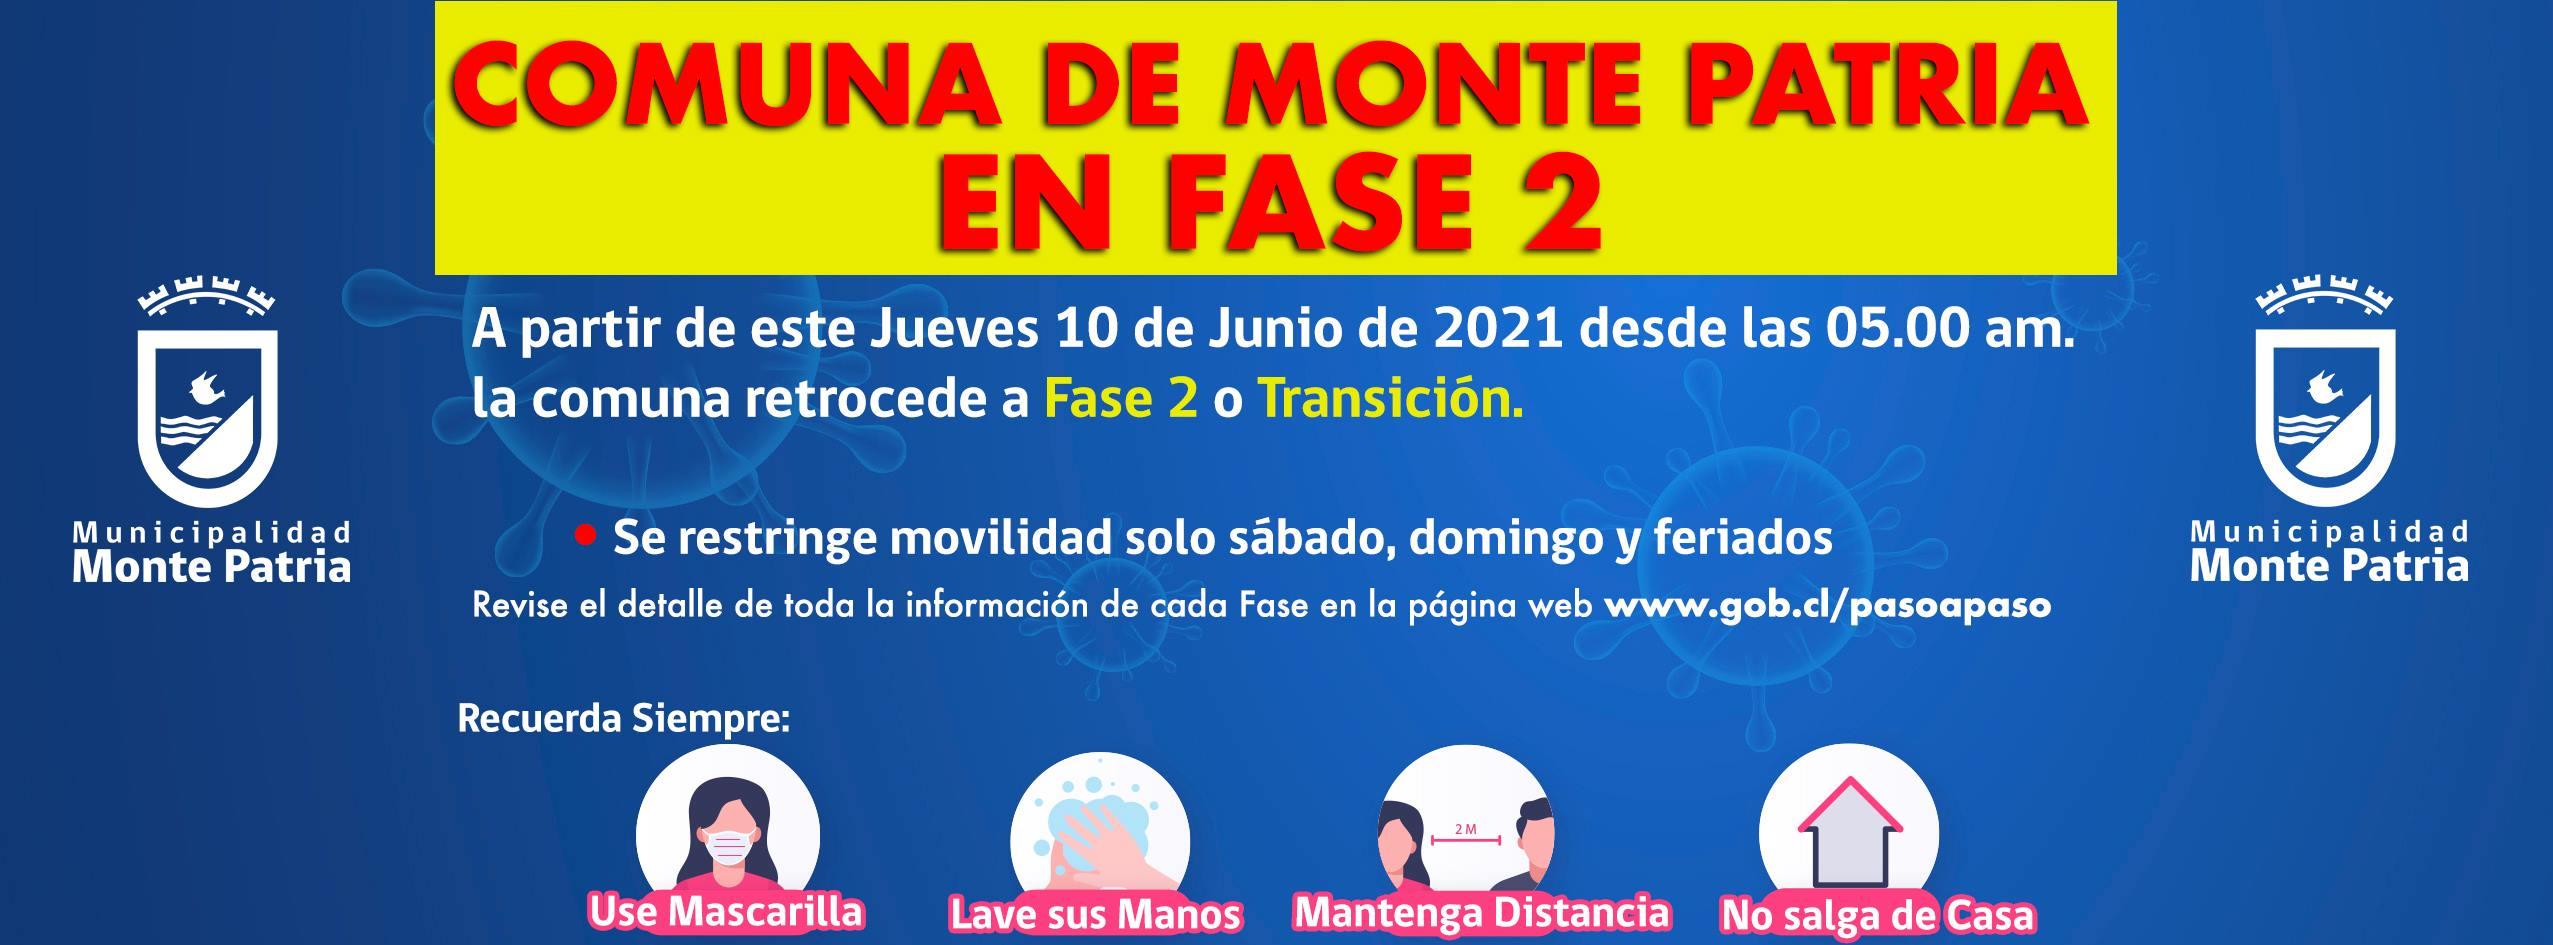 ¡Atención! Comuna de Monte Patria retrocede a #Fase2 del Plan #PasoaPaso